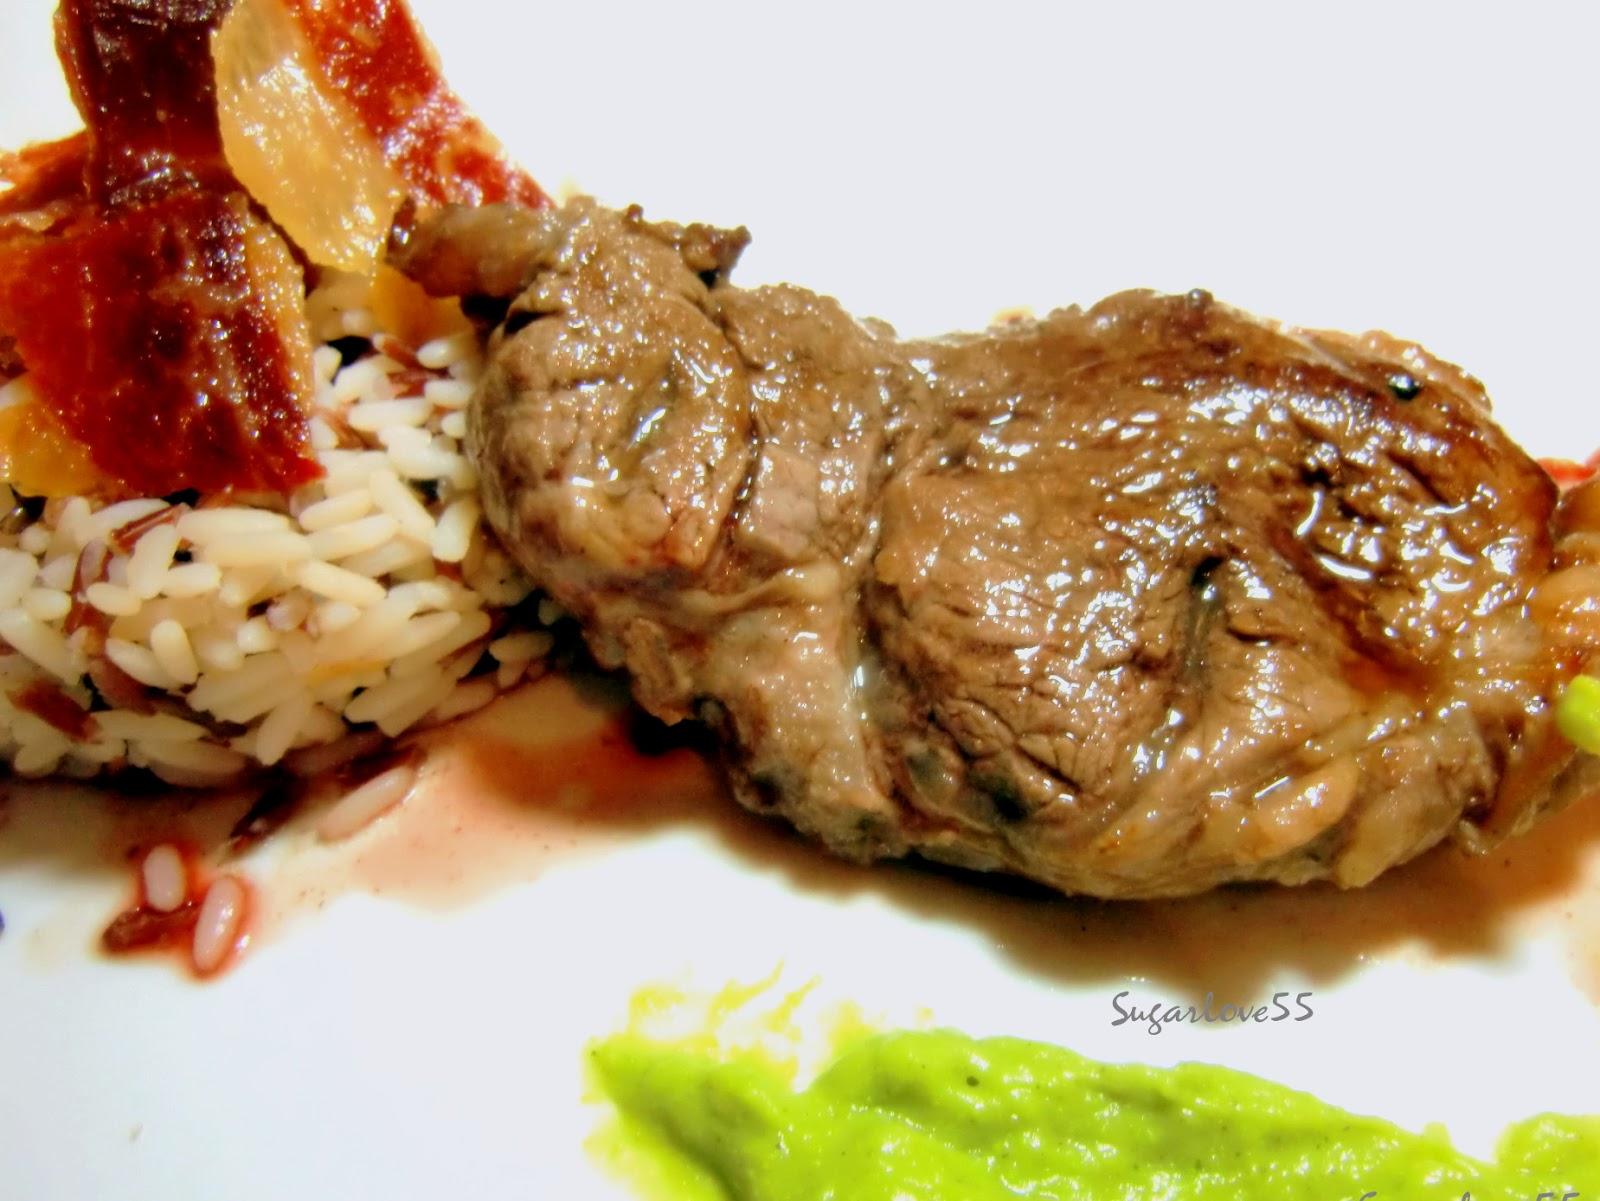 Sugarlove55 solomillo de ternera con salsa mostaza de - Solomillo de ternera al horno con mostaza ...